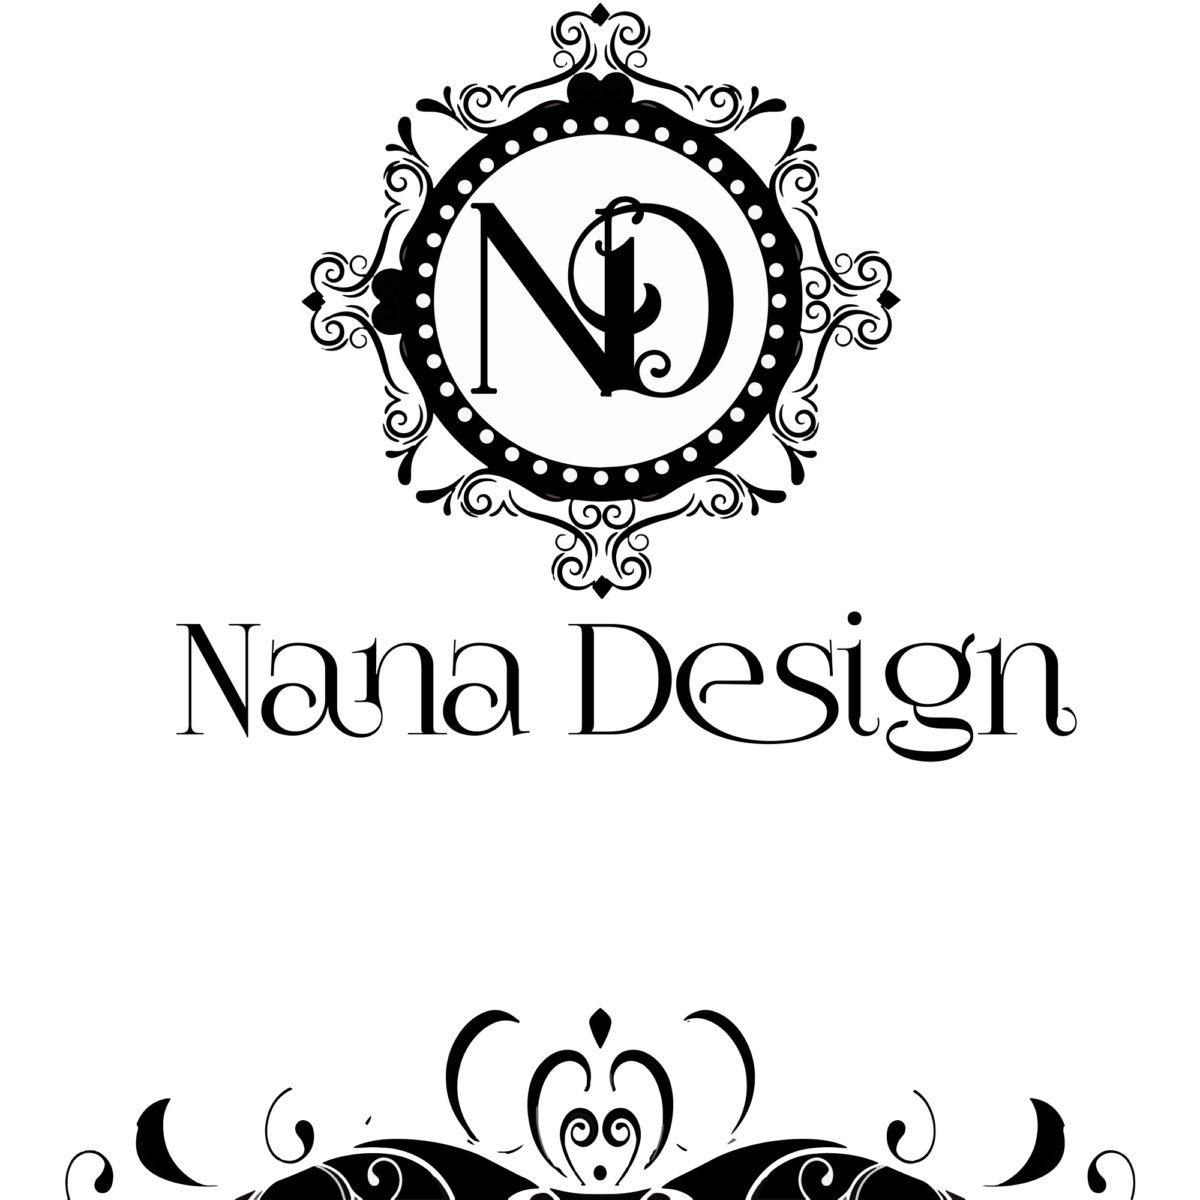 Nana Design